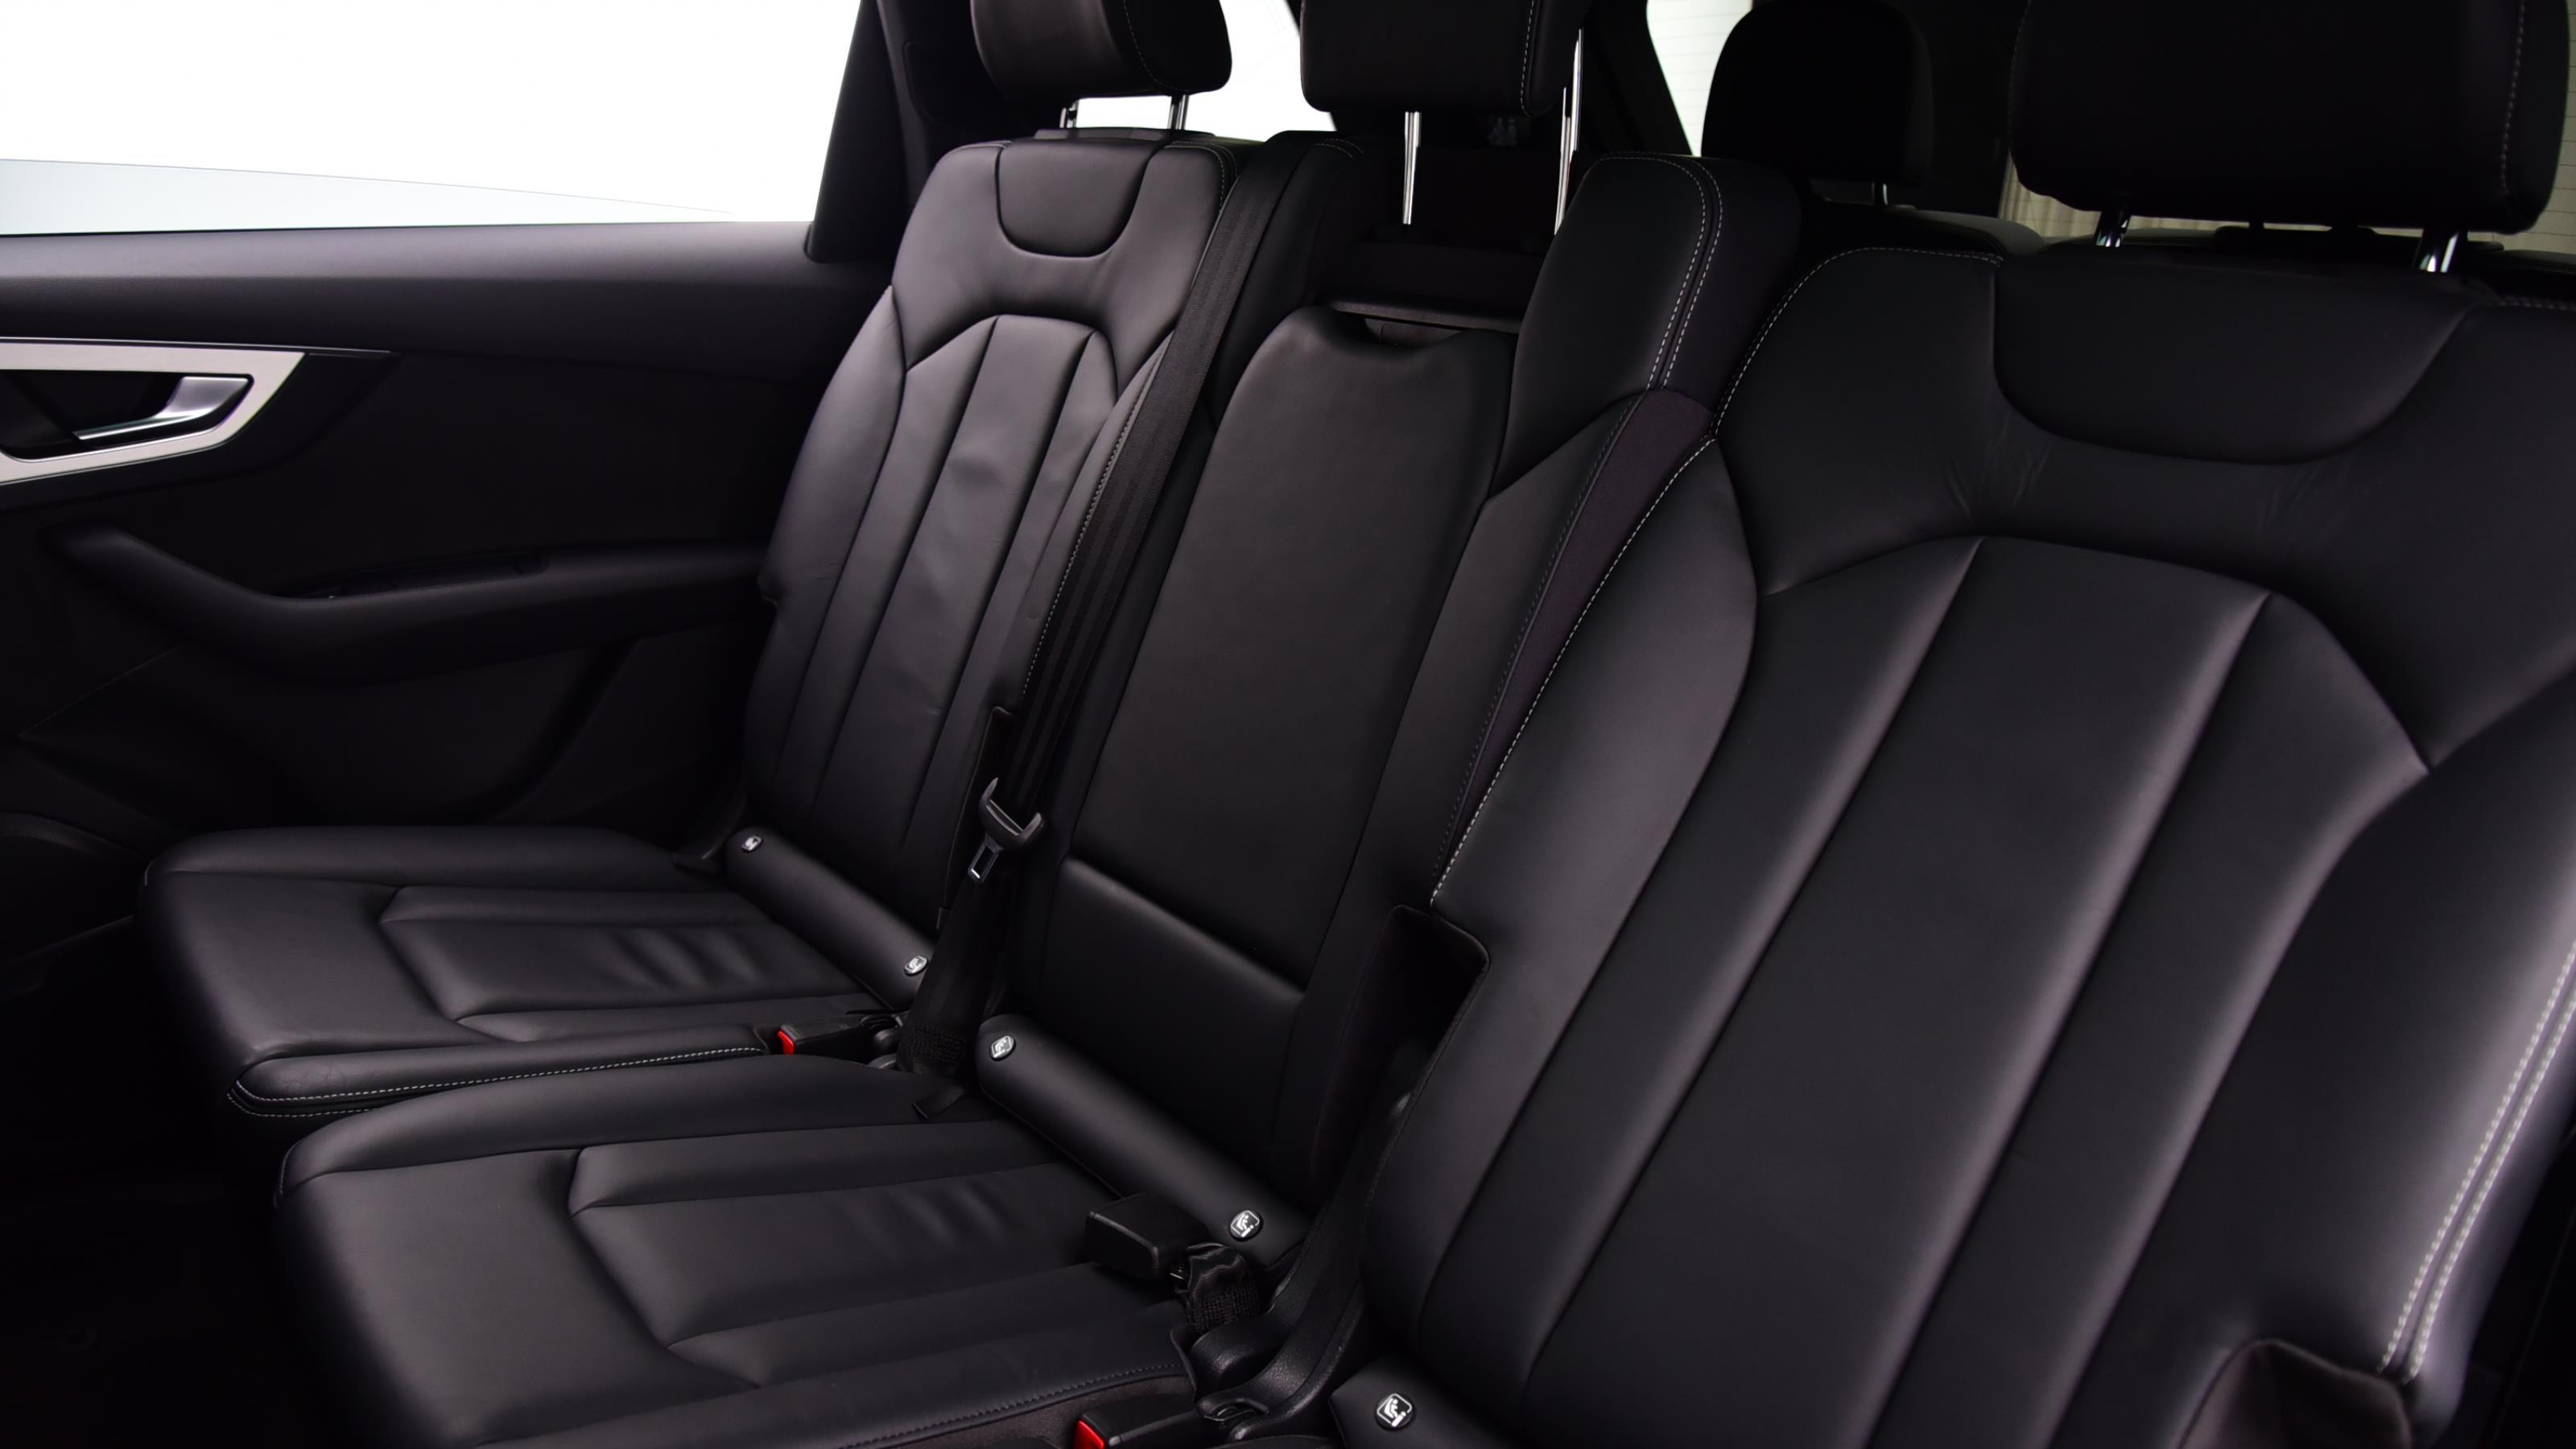 Used 2017 Audi Q7 SQ7 Quattro 5dr Tip Auto BLACK at Saxton4x4